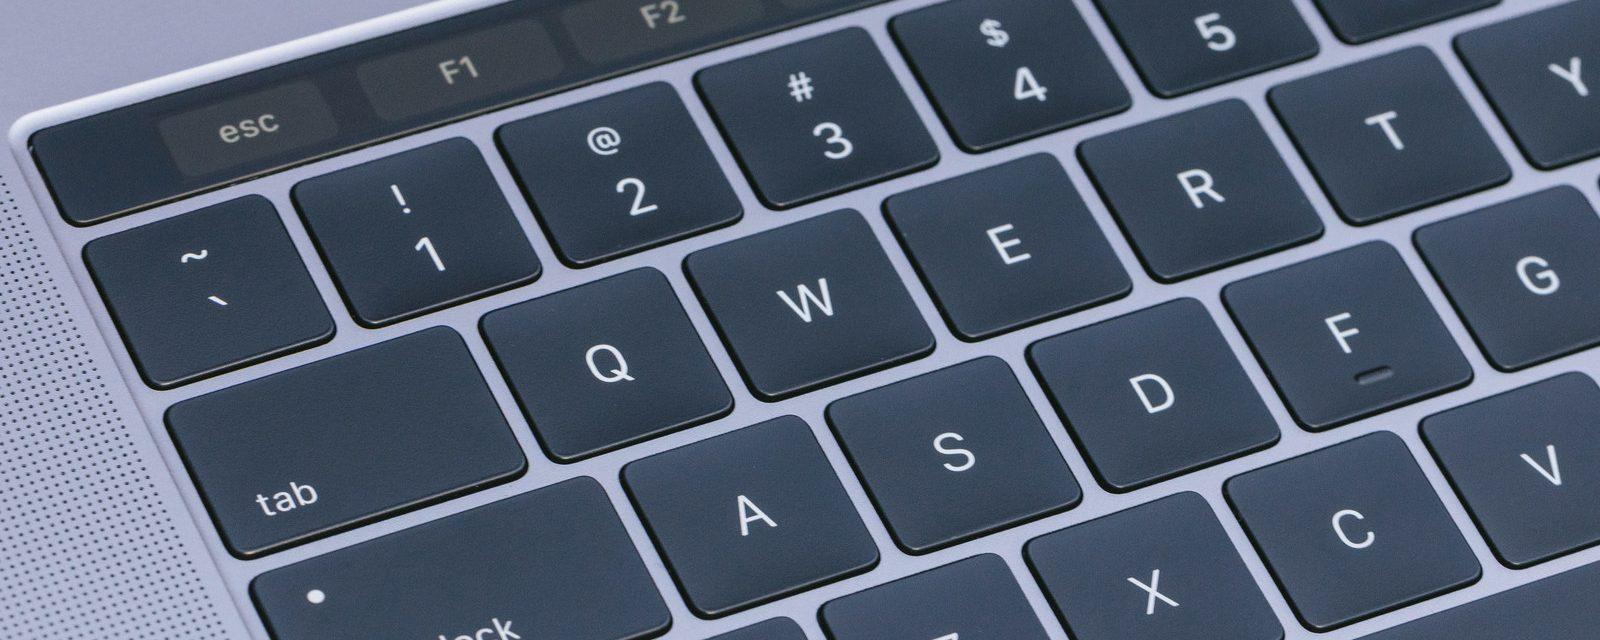 【お早めに!】Macbook/Macbook Proのキーボードが無償で修理できるよ